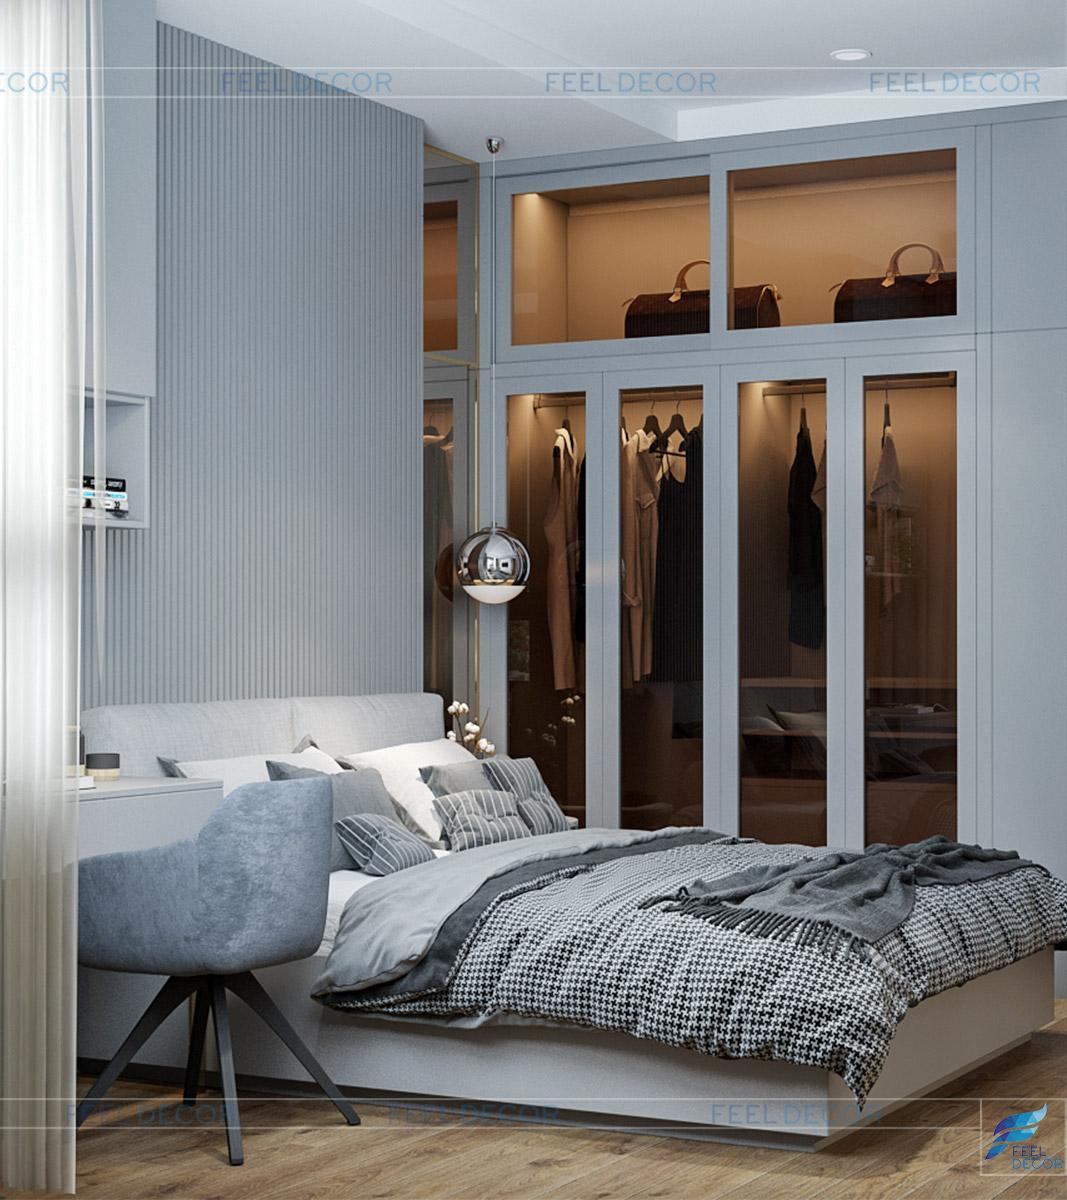 Thiết kế thi công nội thất phòng ngủ căn hộ The Pegasuite